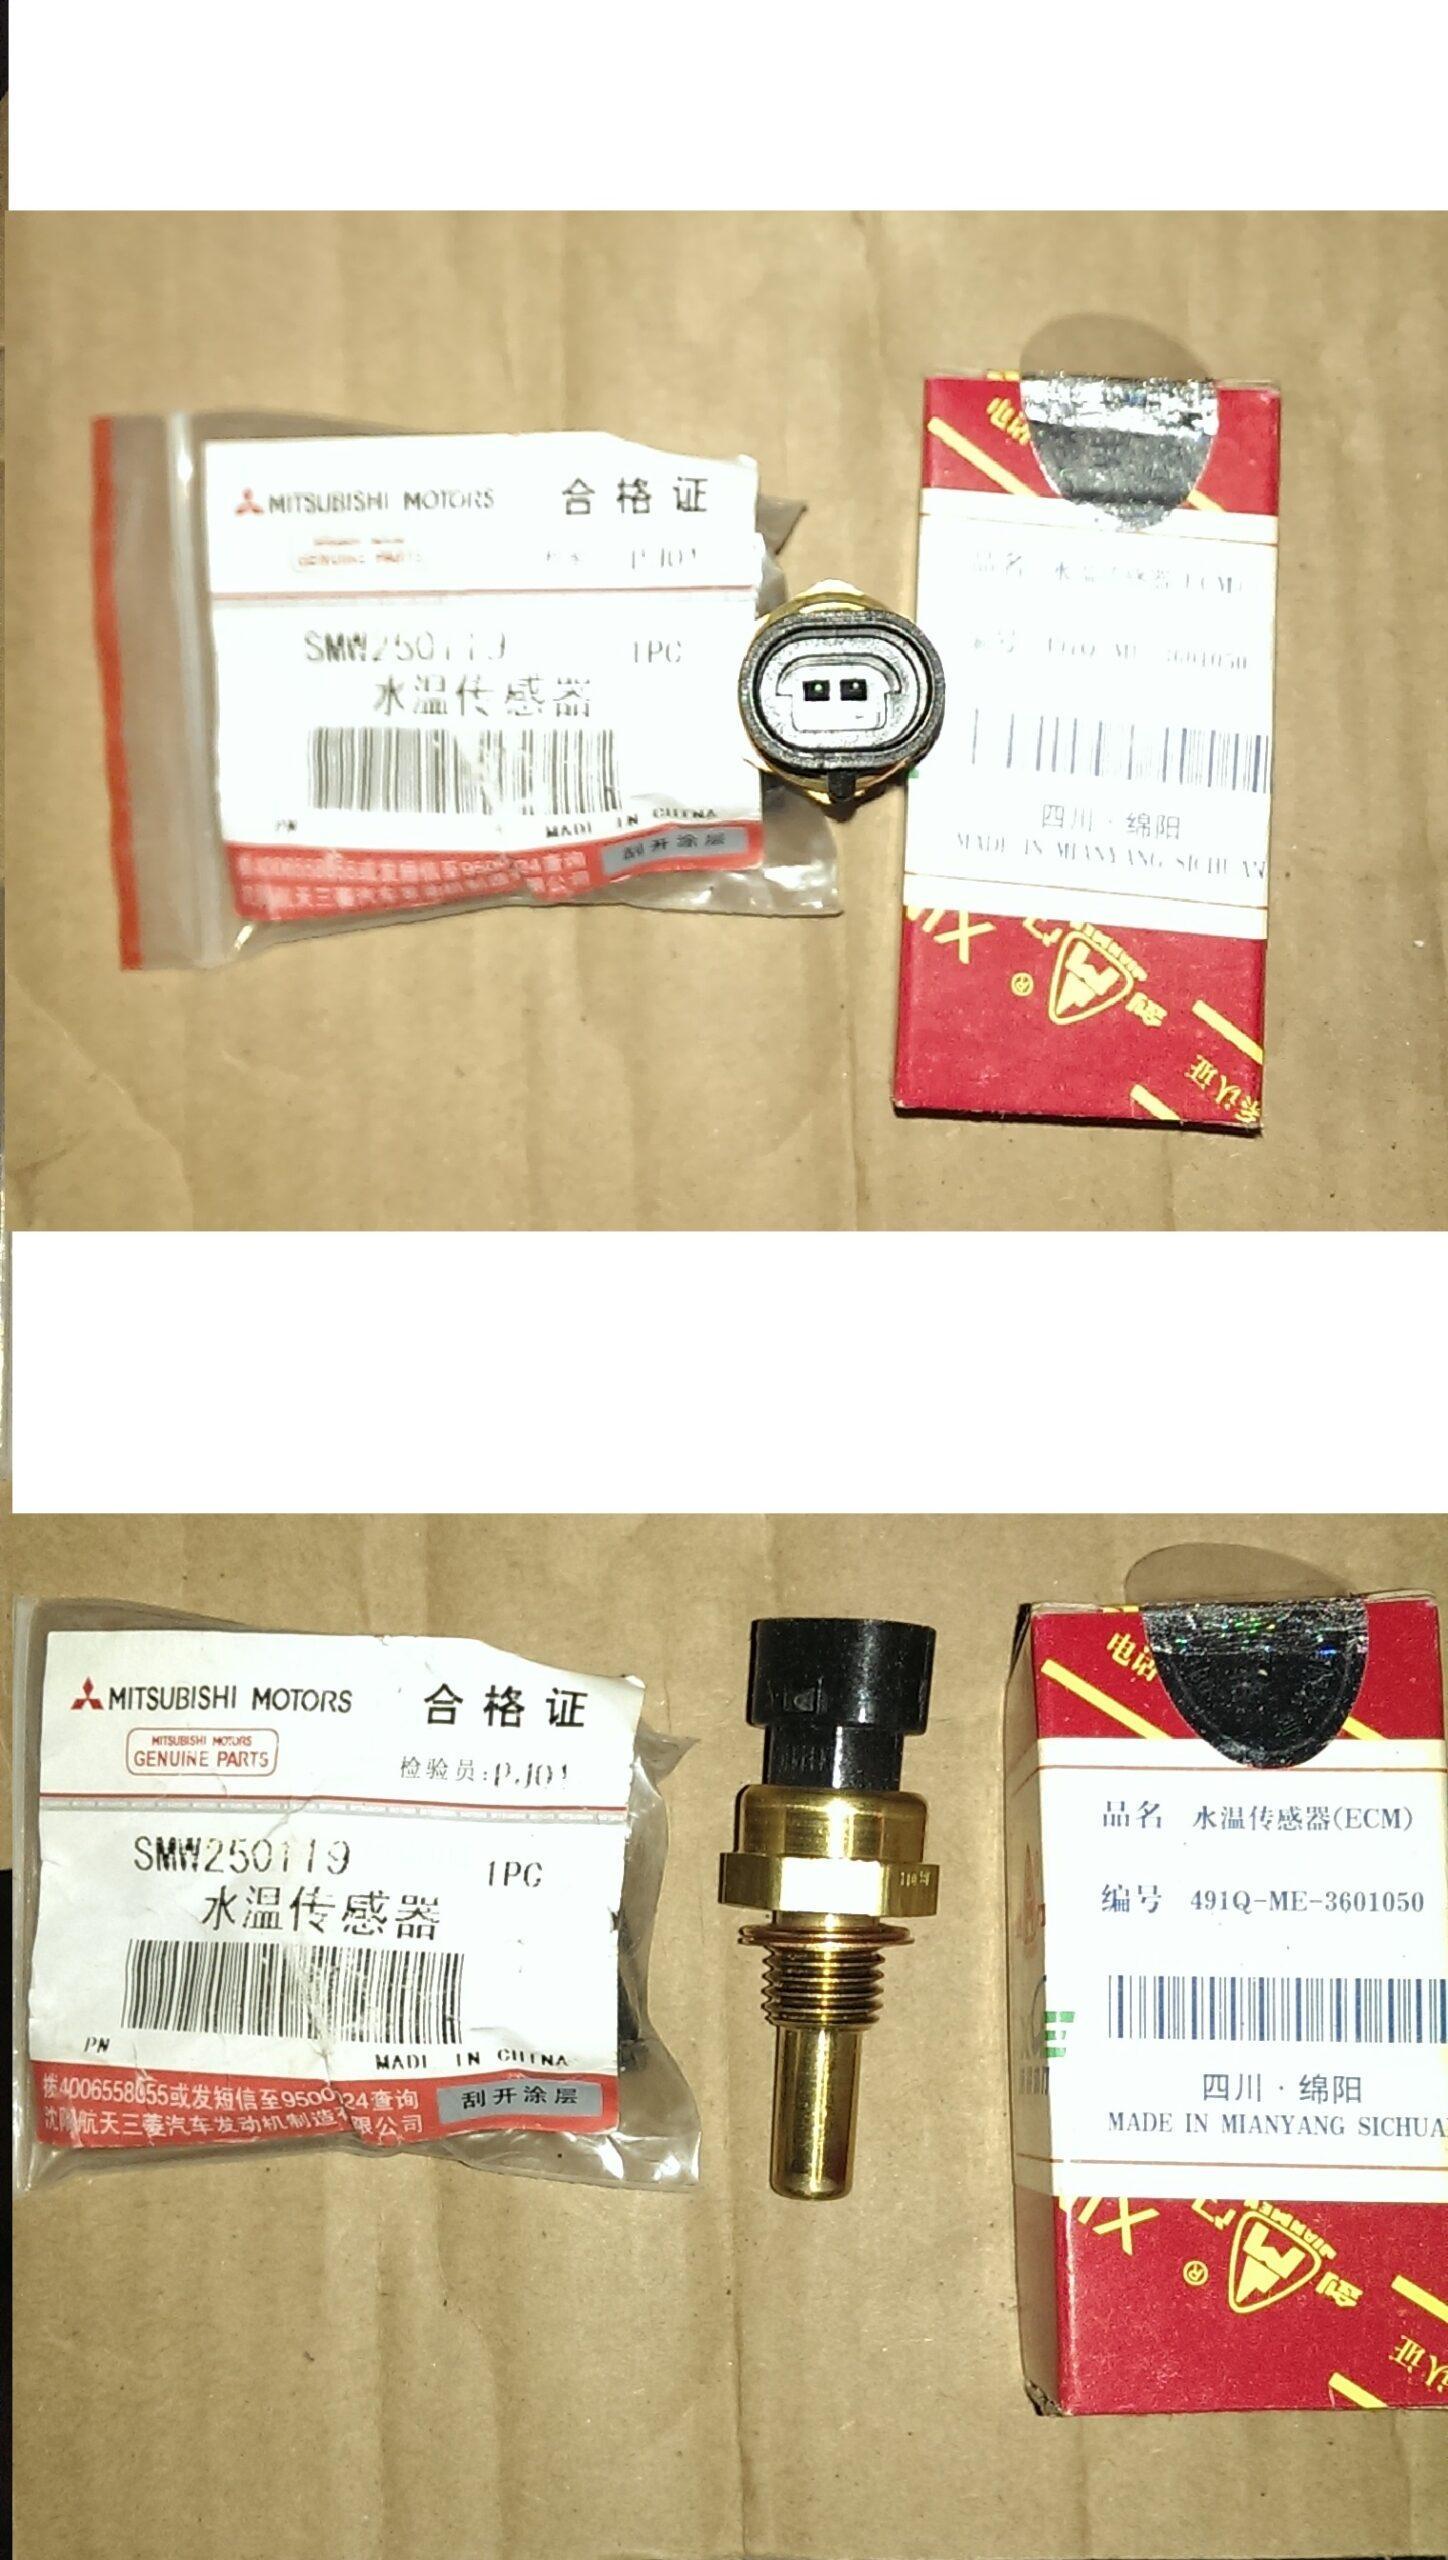 Датчик включення вентилятора DADI/ датчик вентилятора (491Q-ME-3601050)-0